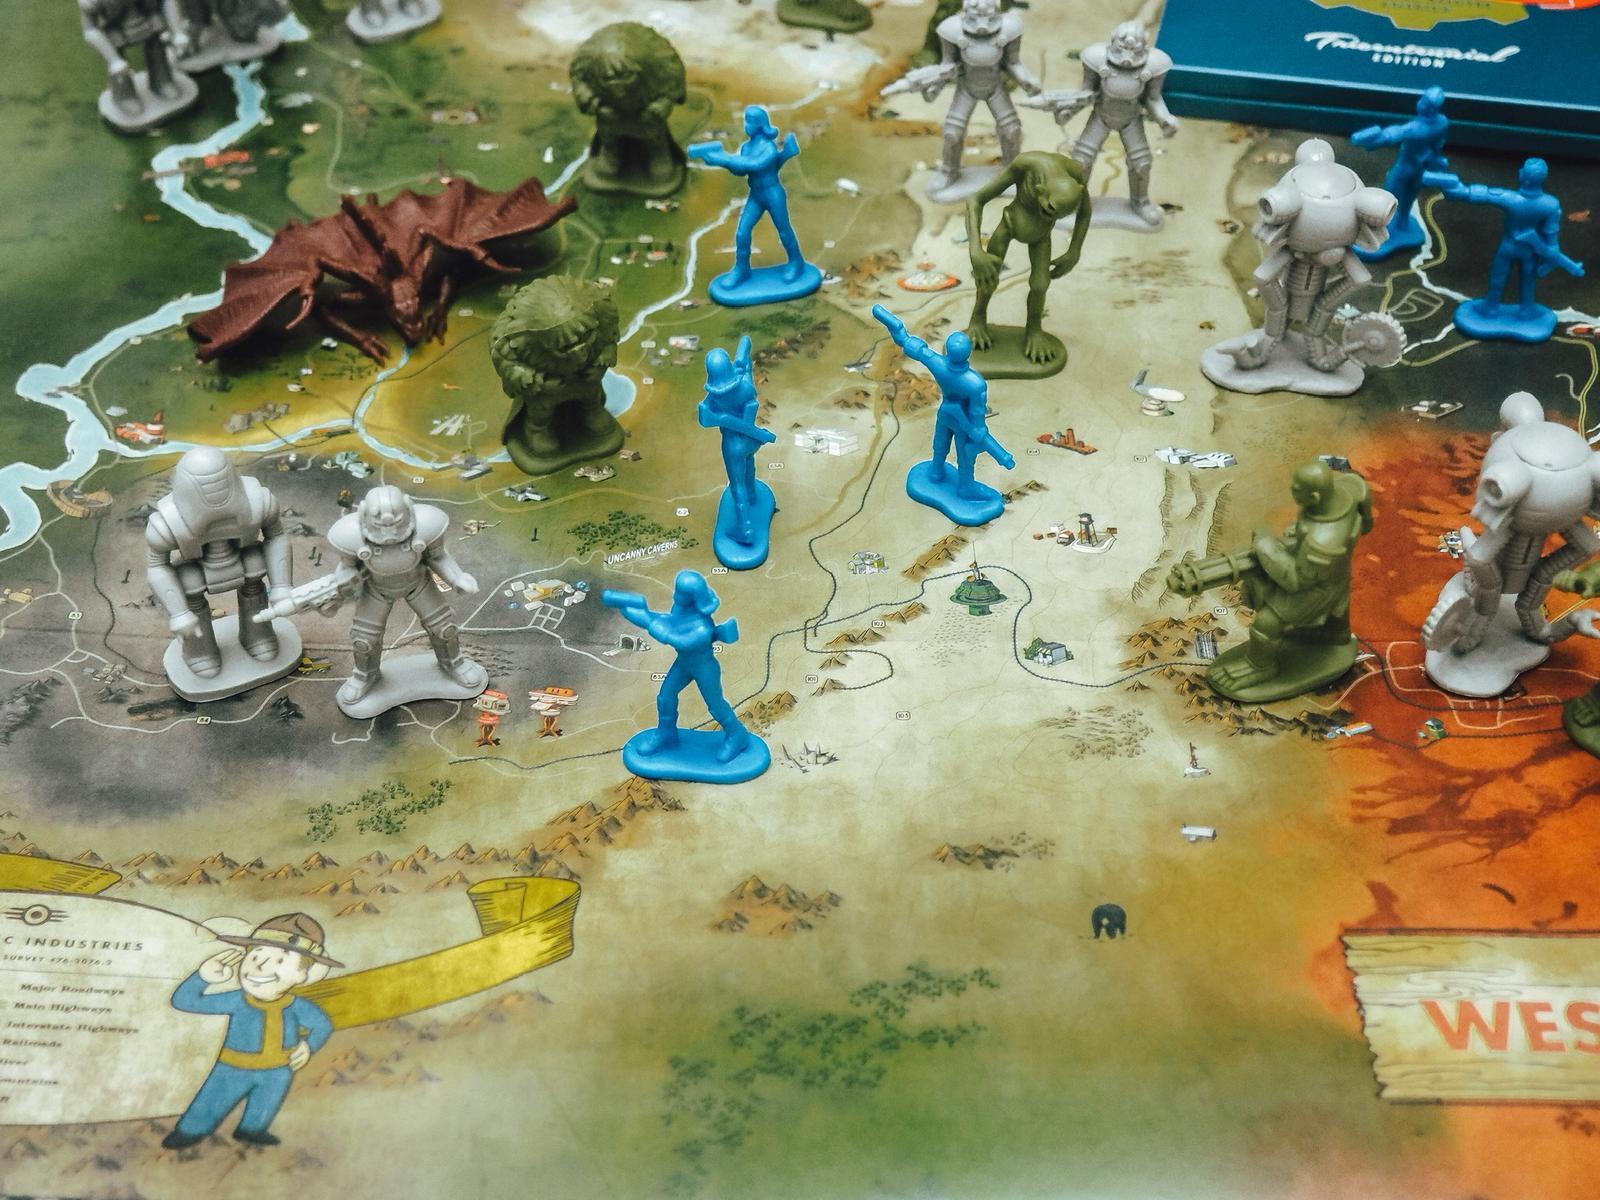 Mit den Sammelfiguren der Fallout 76 Power Armor Edition kann man die Position auf der Karte markieren.